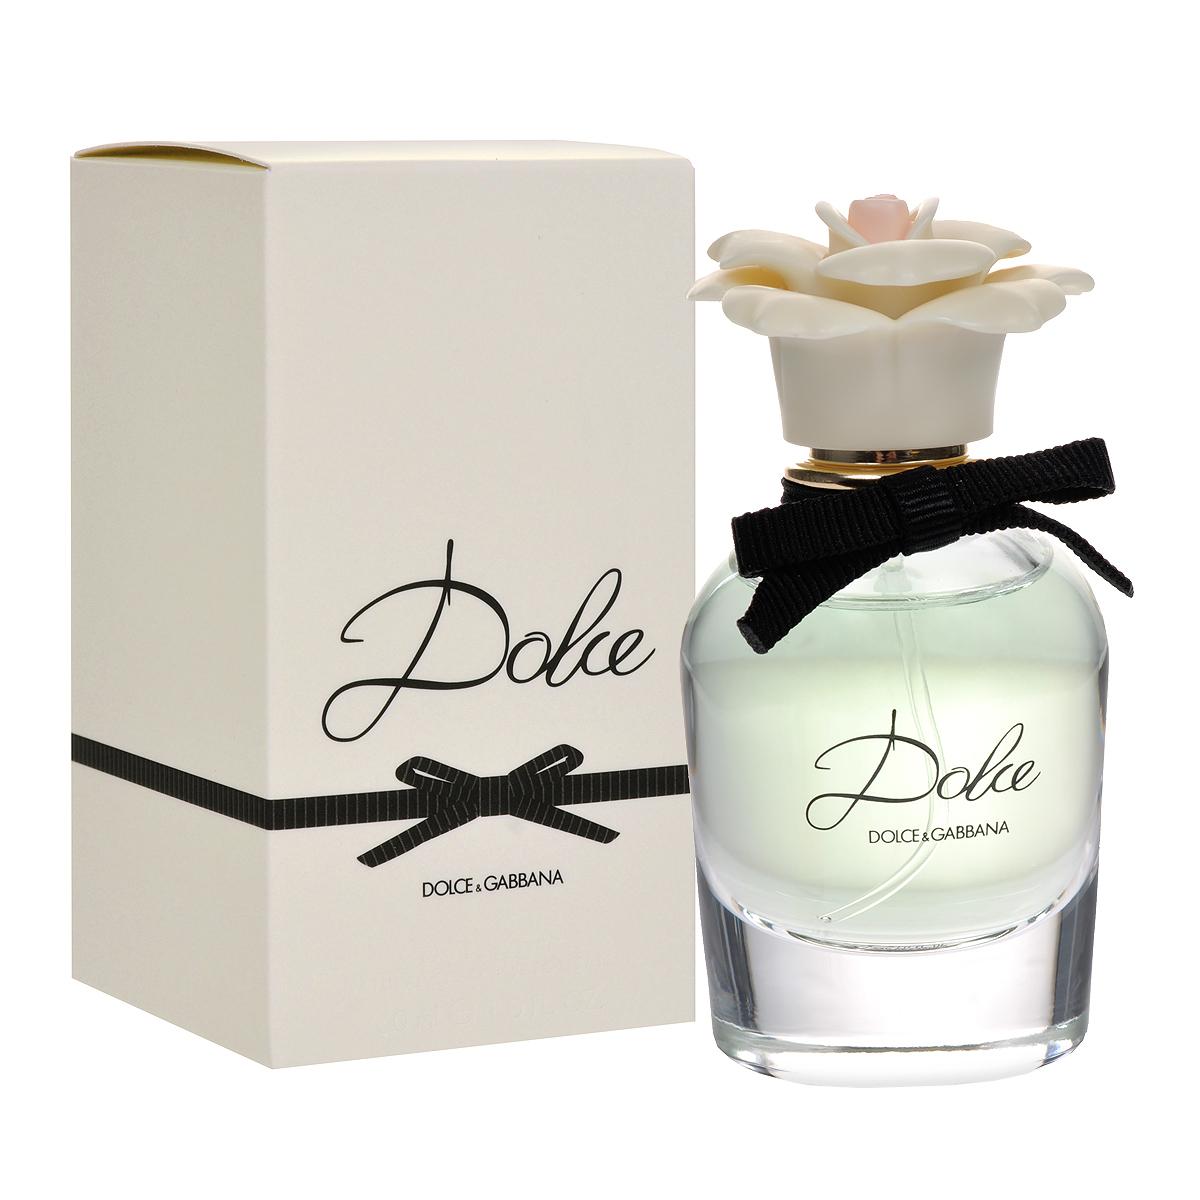 Dolce&Gabbana Парфюмерная вода Dolce, женская, 30 мл04124Нежный и элегантный Dolce&Gabbana Dolce подобен изысканному и неповторимому дизайнерскому наряду, в котором каждая деталь, каждая мелочь точно выверены и идеально выполнены. В композиции аромата каждая нота звучит ярко и красиво, и вместе с тем не нарушает общей гармонии, безупречно сочетаясь с окружающими ее аккордами. Dolce&Gabbana Dolce - гимн женственности и изящности. Покоряющий плавностью своих линий флакон сделан из прозрачного стекла и увенчан стильным «марципановым цветком» - визитной карточкой лучших сицилийских кондитеров. Аромат открывается свежестью нероли и цветов папайи. Средние ноты состоят из белых амариллиса, нарцисса и лилии. База обволакивает кашемиром и мускусом, дающими ощущение мягкости. Классификация аромата: цветочный. Товар сертифицирован.